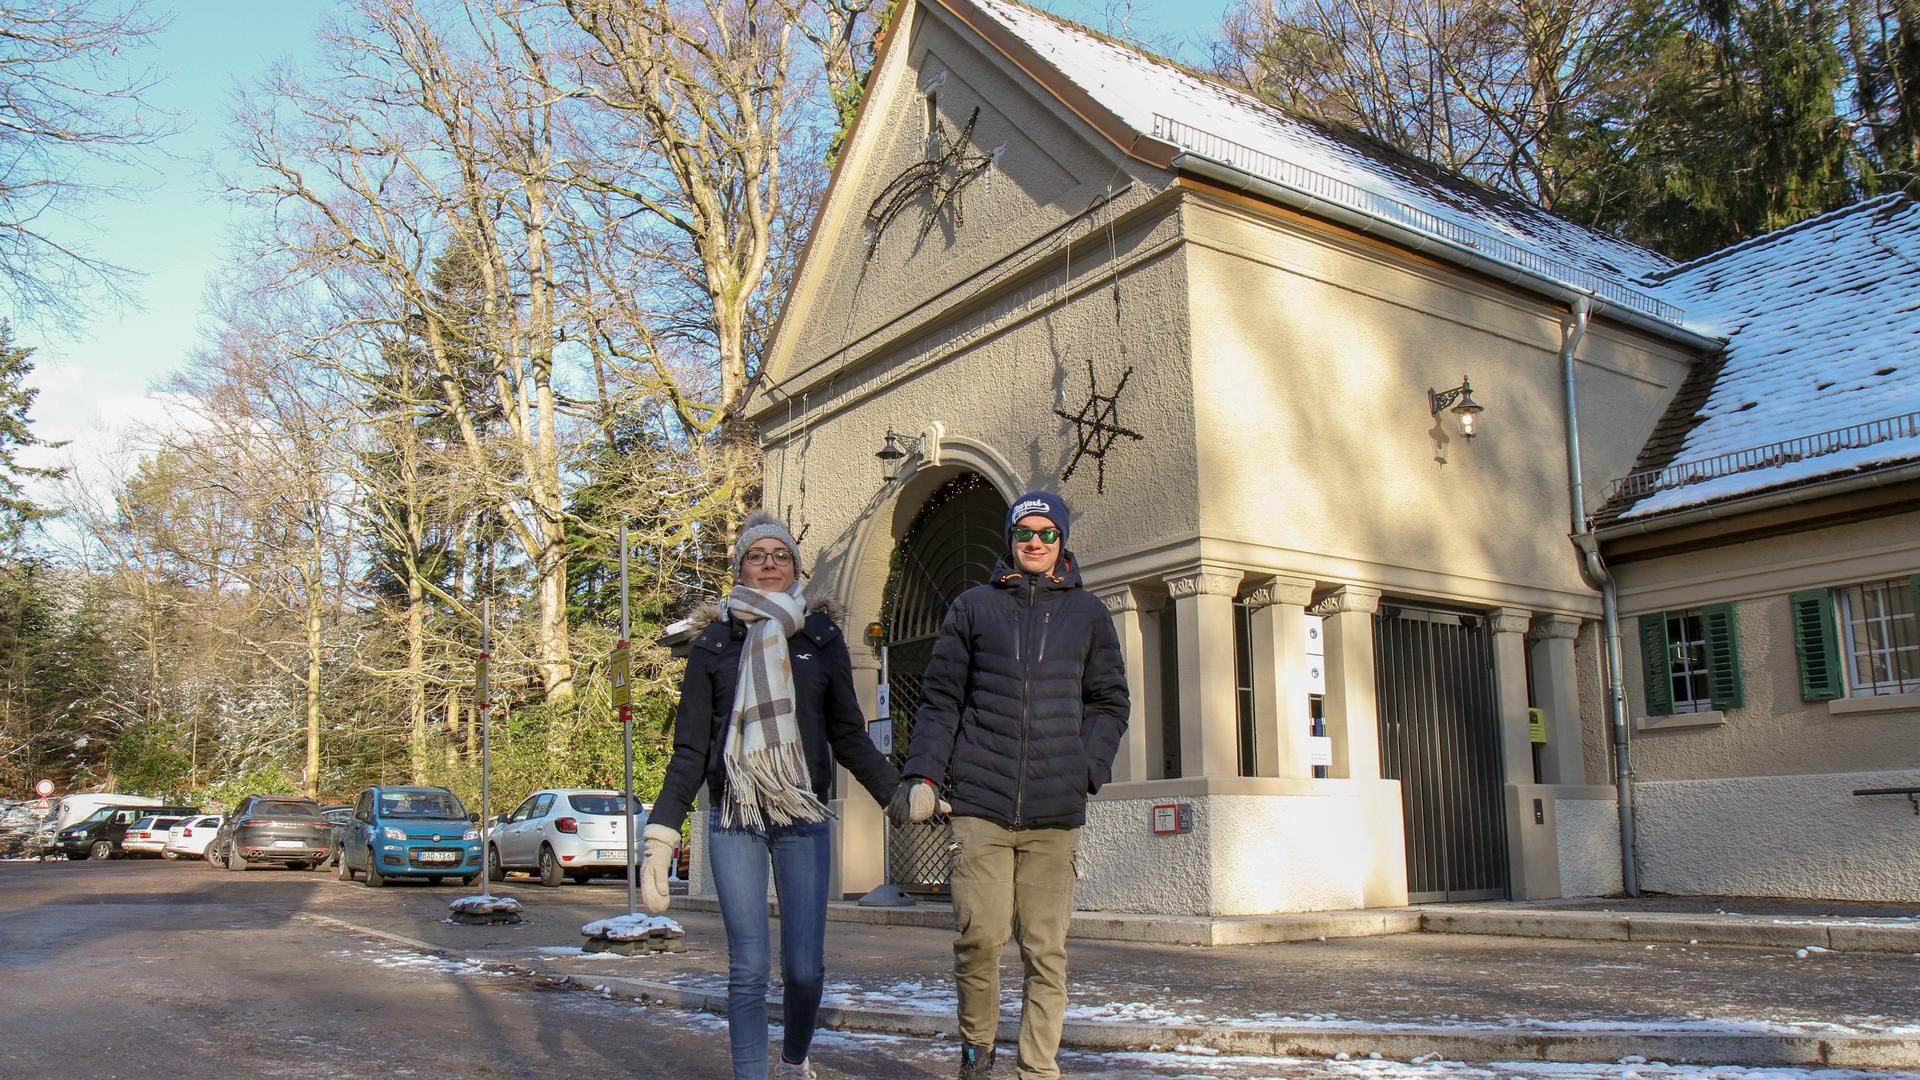 Ein Pärchen spaziert händchenhaltend vor der Talstation der Merkurbahn in Baden-Baden.